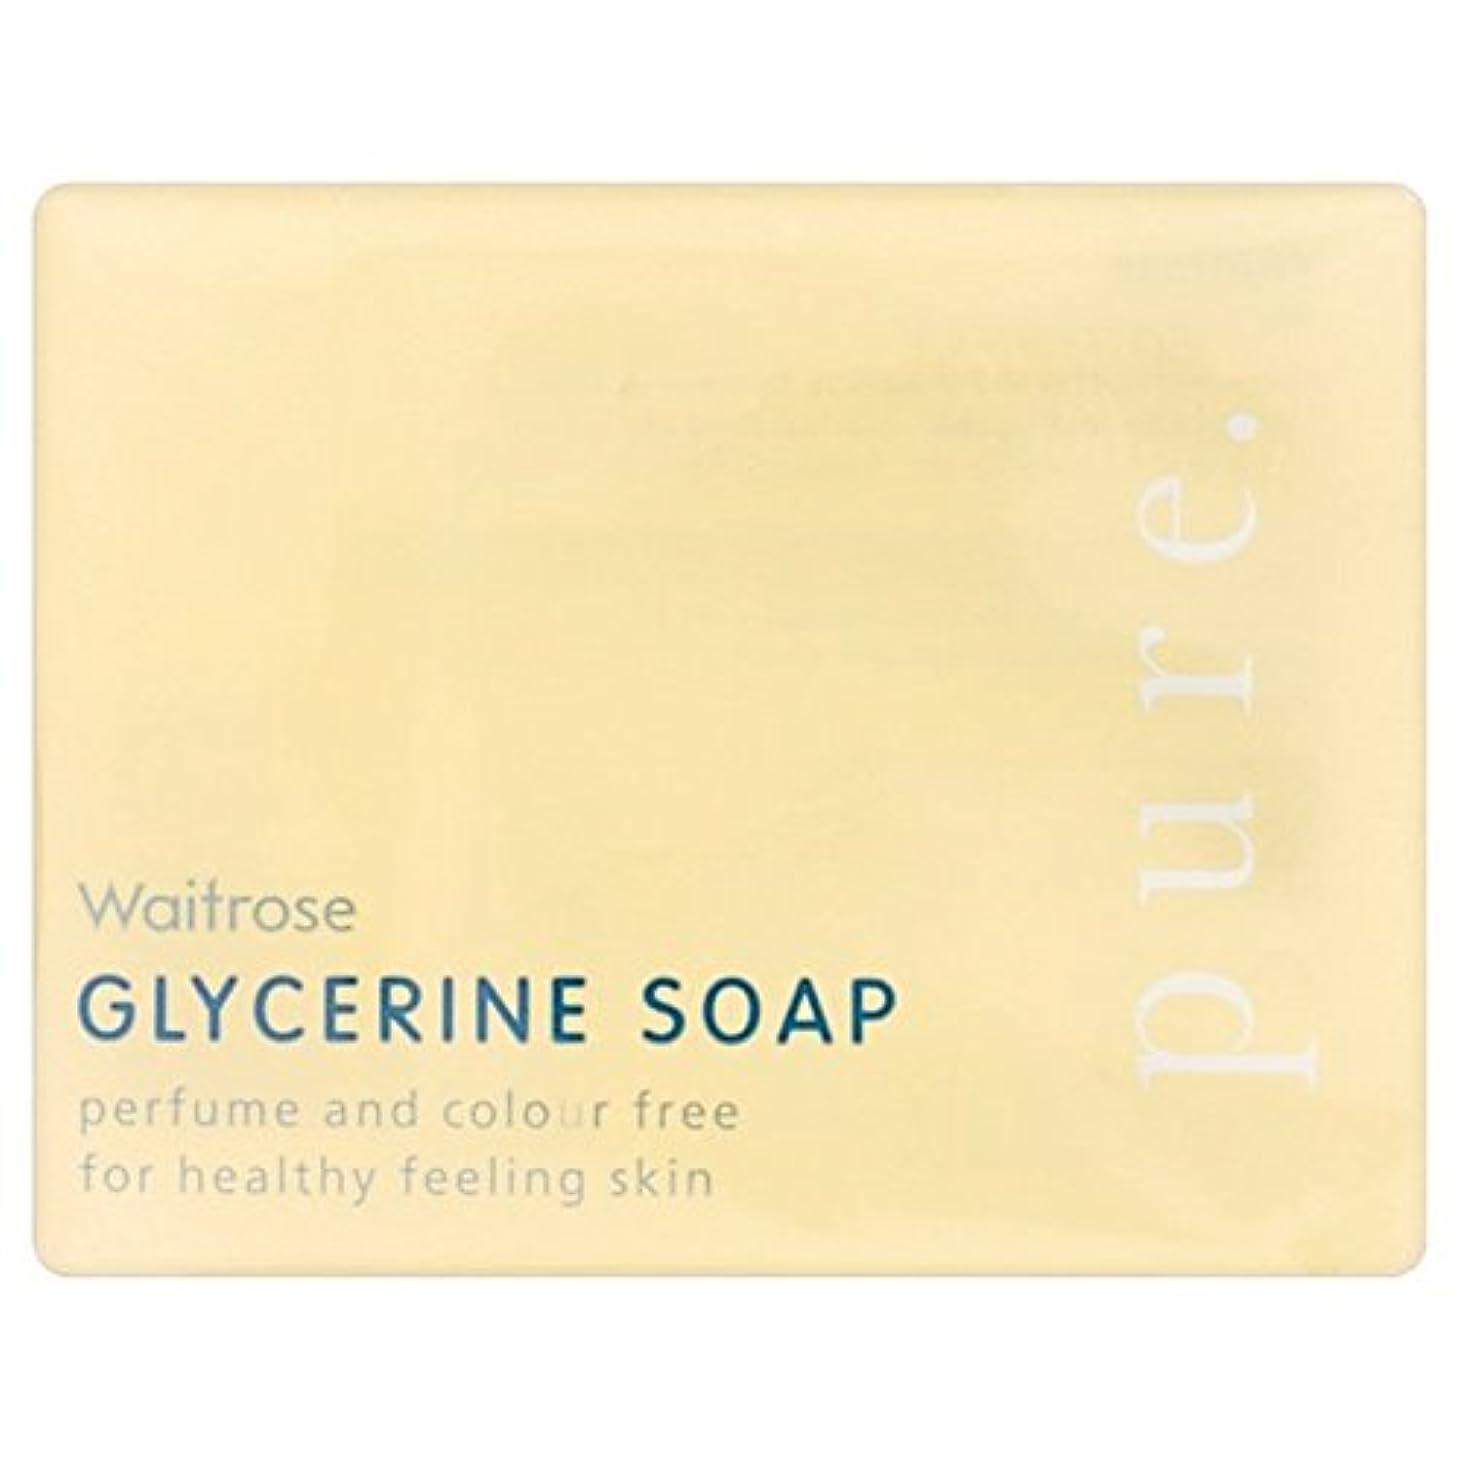 浮浪者ギターフリッパー純粋なグリセリンソープウェイトローズの100グラム x4 - Pure Glycerine Soap Waitrose 100g (Pack of 4) [並行輸入品]